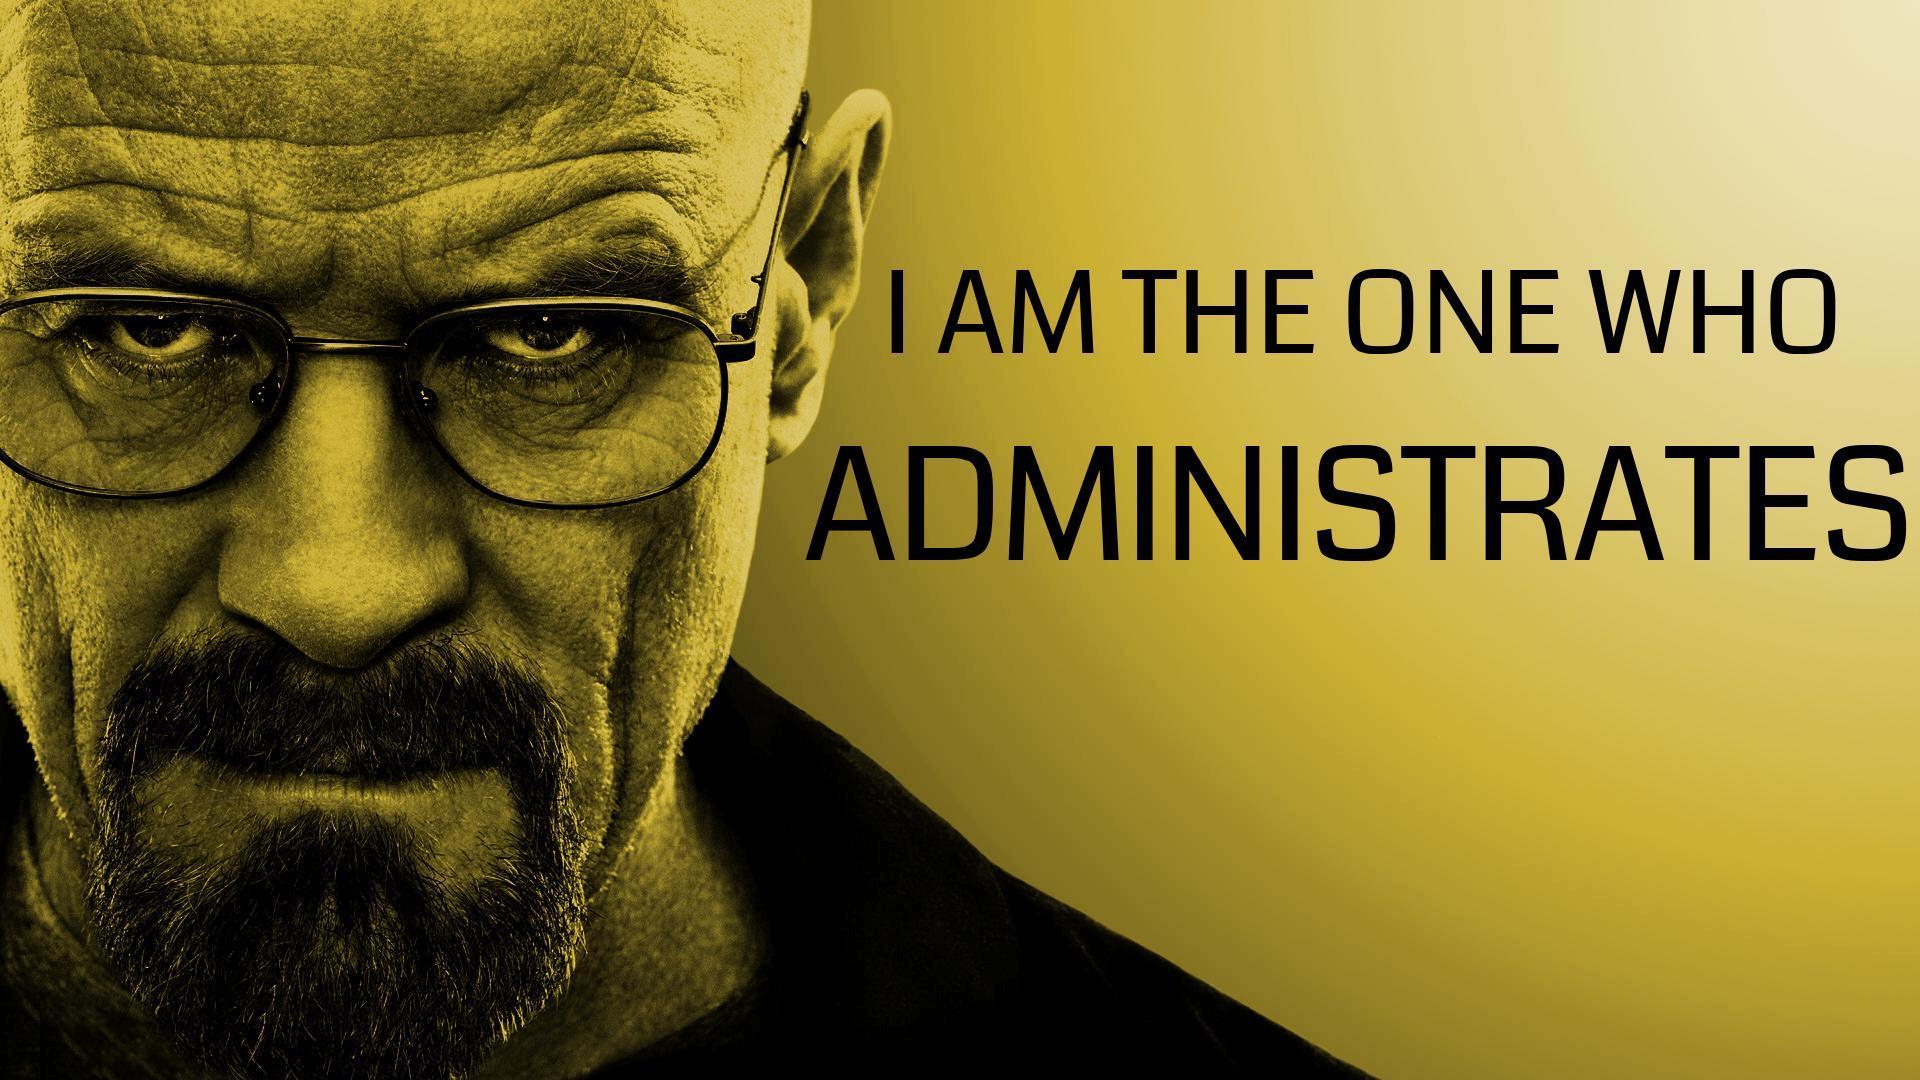 День системного адміністратора – привітання в картинках